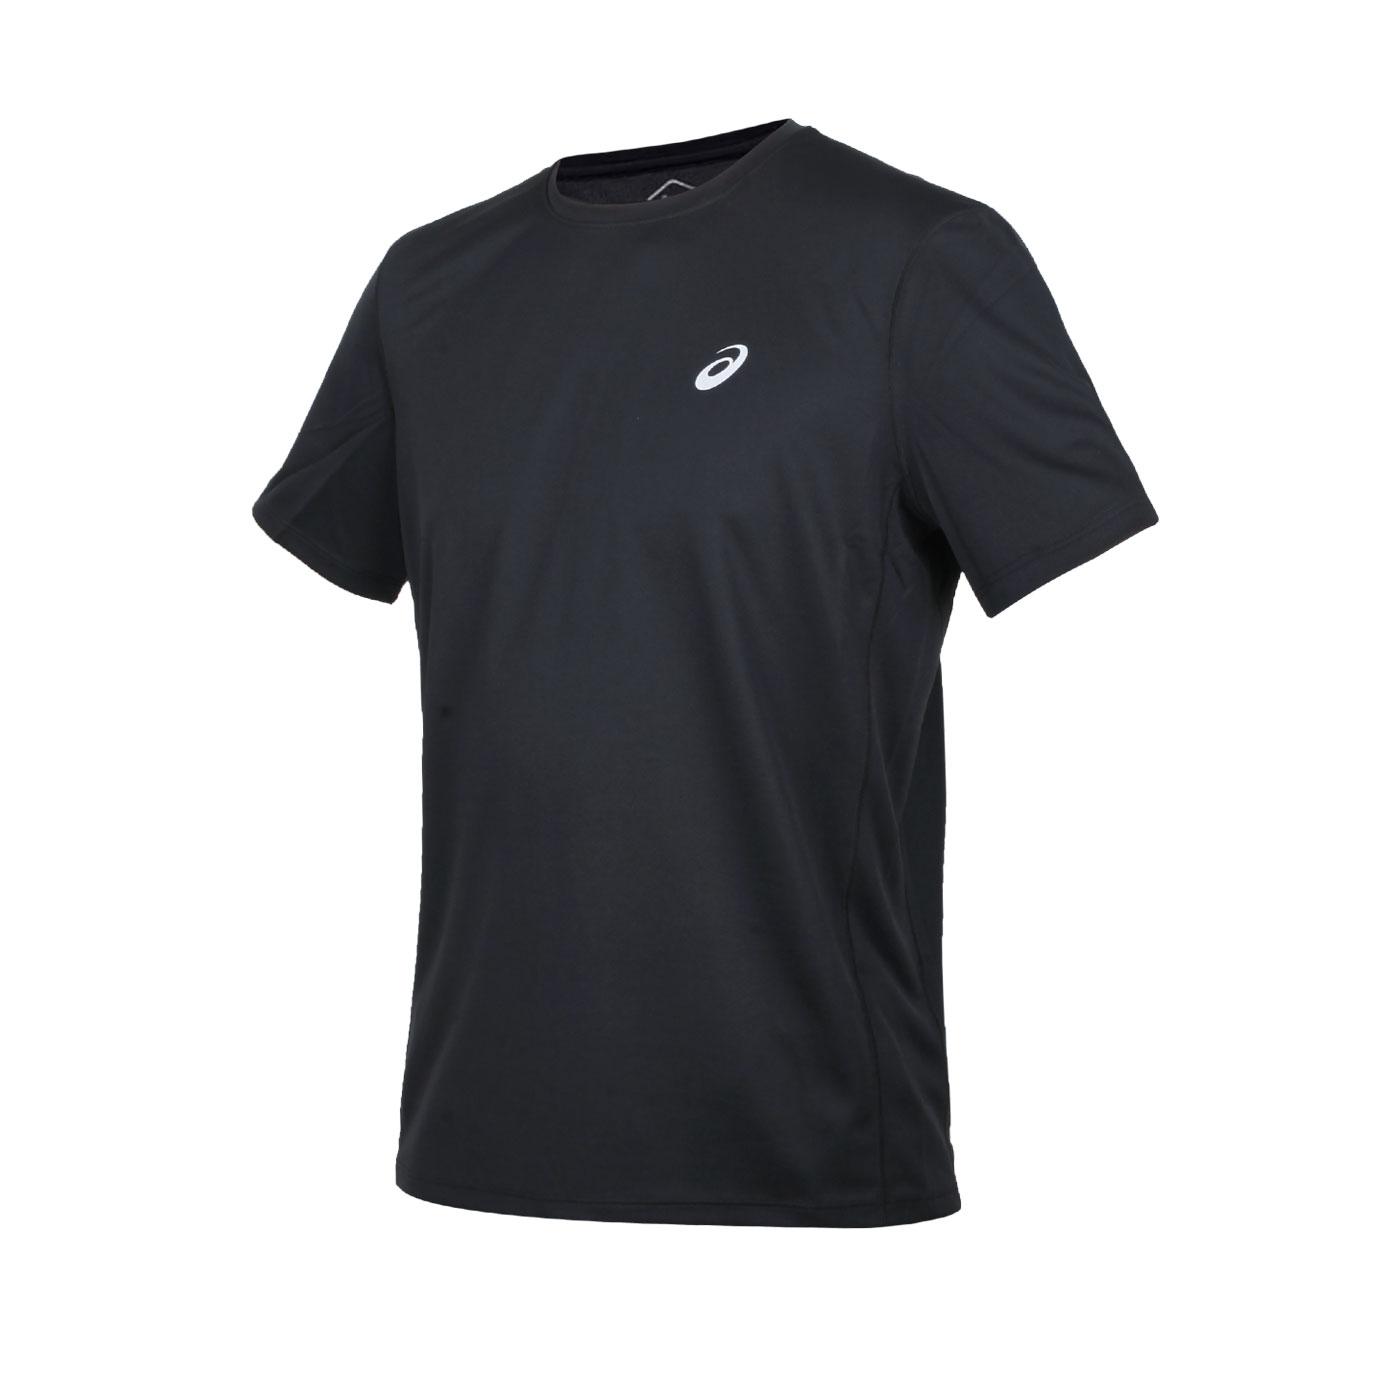 ASICS 男款短袖T恤 2011A813-001 - 黑銀